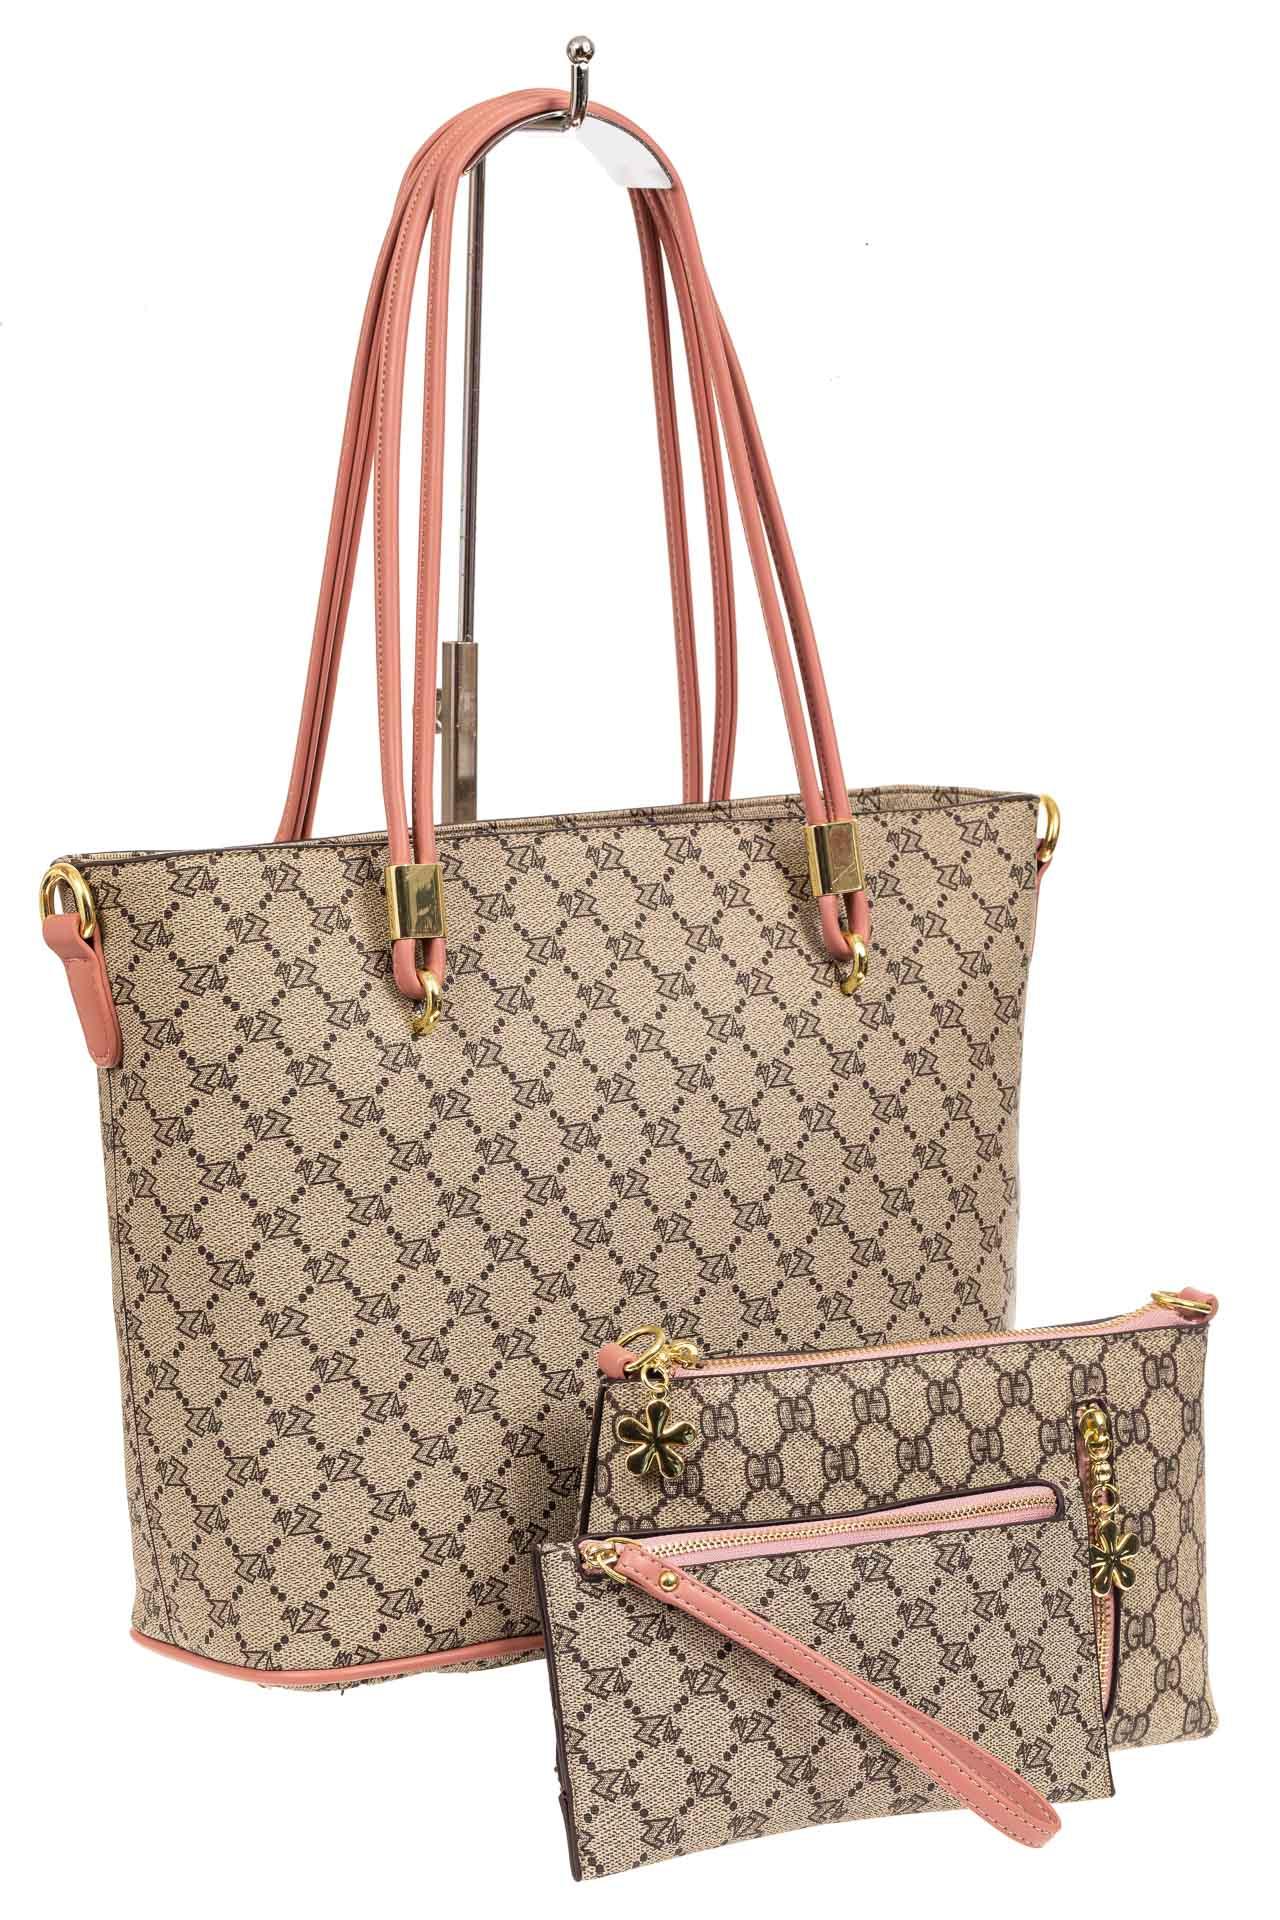 Женская сумка шоппер из искусственной кожи, цвет бежевыйA17236-1PJ0520/5